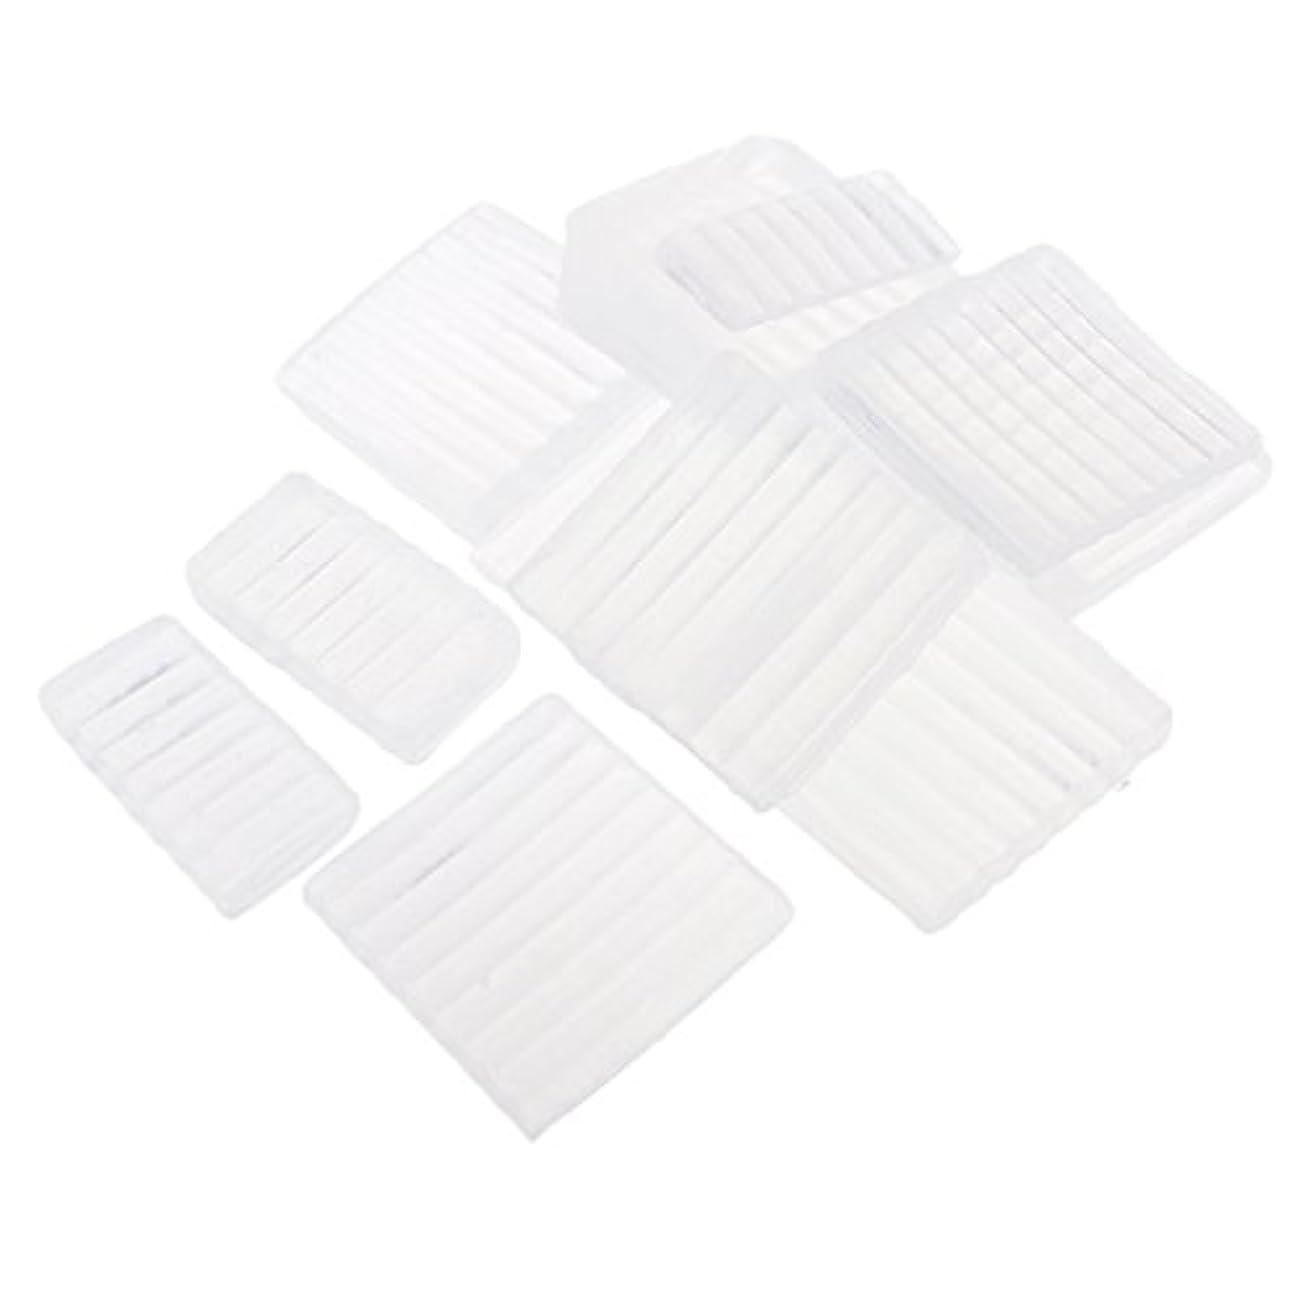 埋め込むピンチミルク約500g ホワイト 透明 石鹸ベース DIY 手作り 石鹸 材料